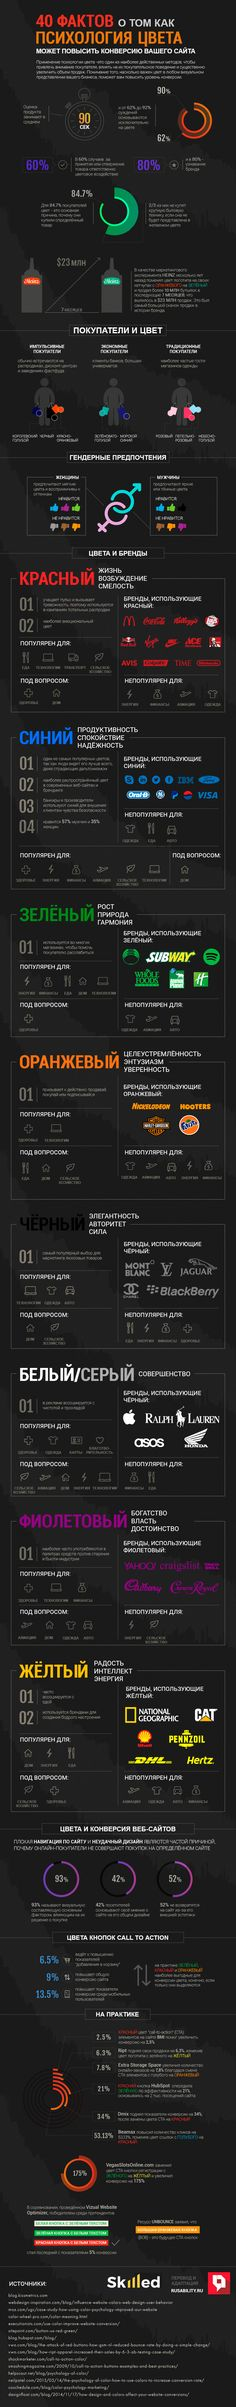 40 фактов о том, как психология цвета может повысить ваши продажи. Инфографика - Rusability